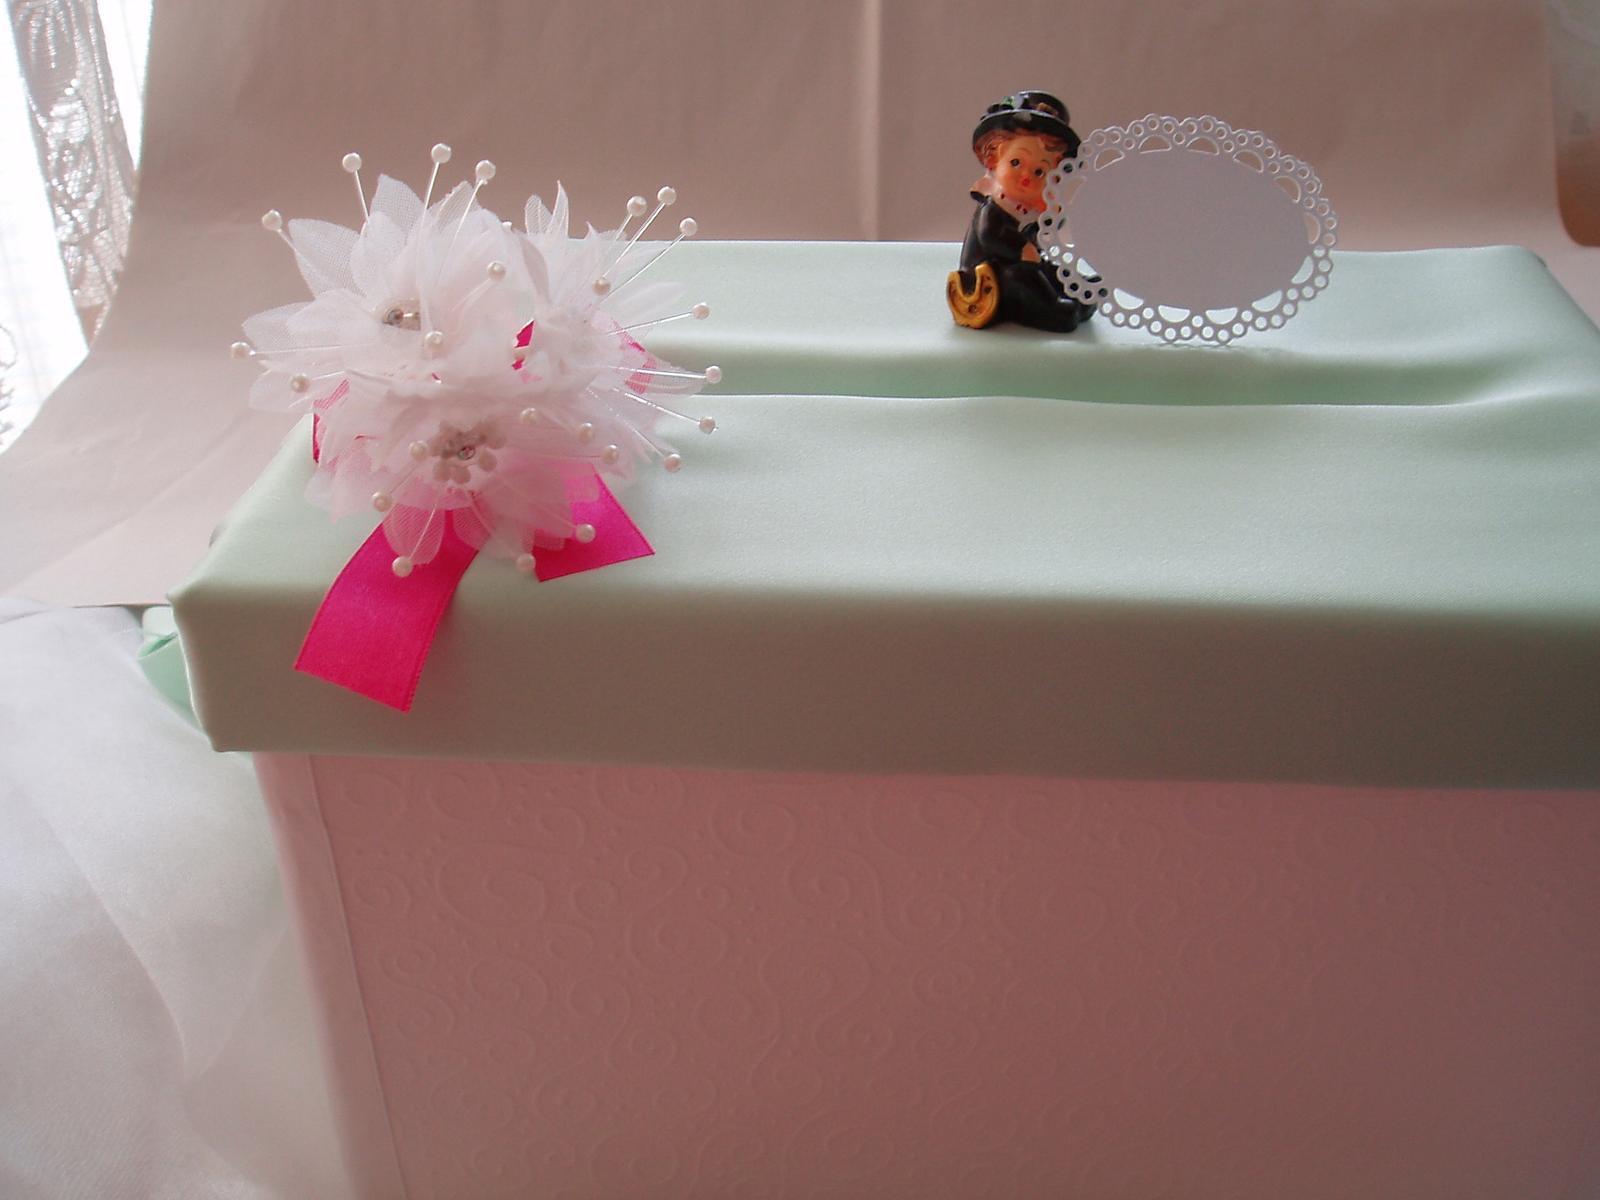 Krabička na peníze,vzpomínky,přání - Obrázek č. 2